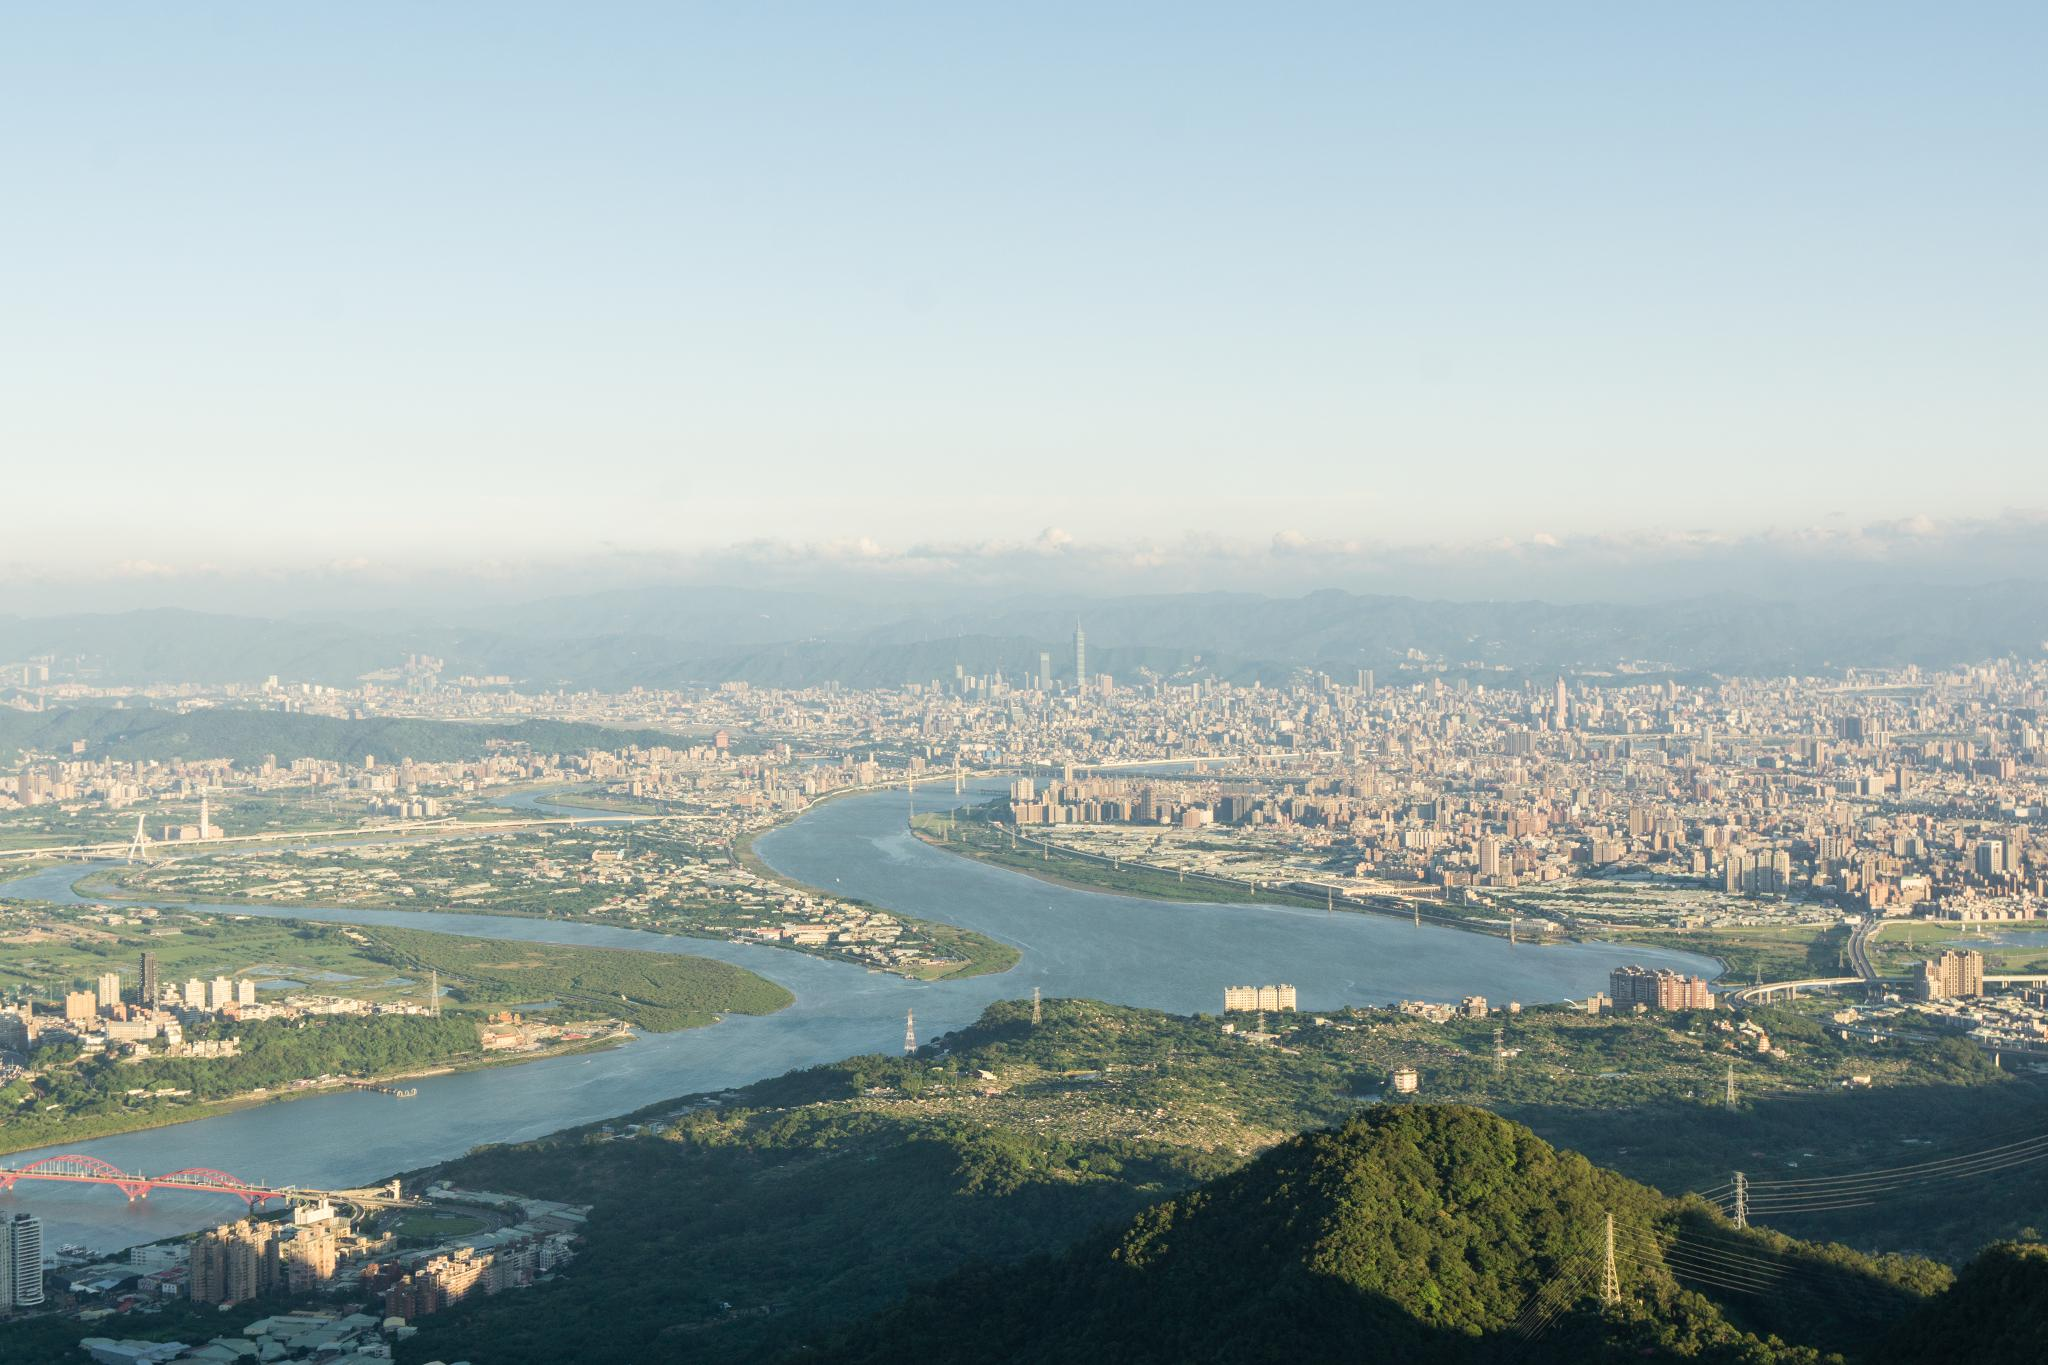 【臺北】觀音山硬漢嶺 — 瞭望大台北地區最推薦的觀景台 6